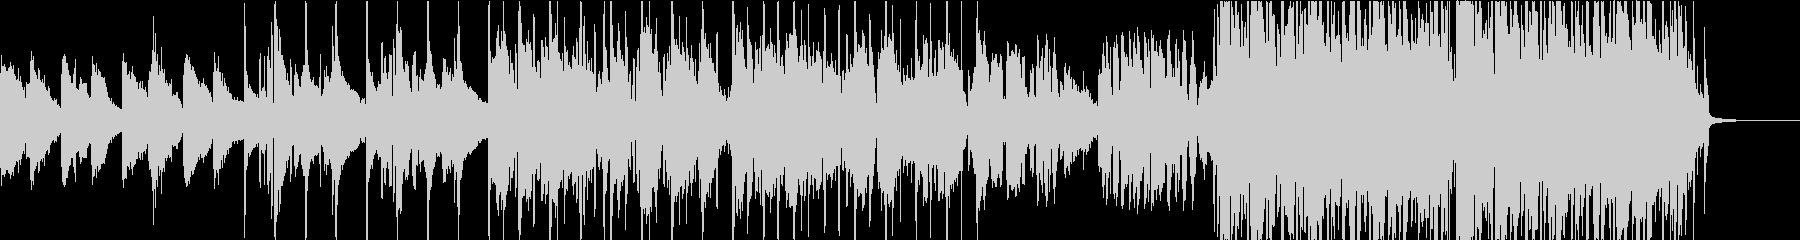 ジャスティン・ビーバー系のPop/R&Bの未再生の波形